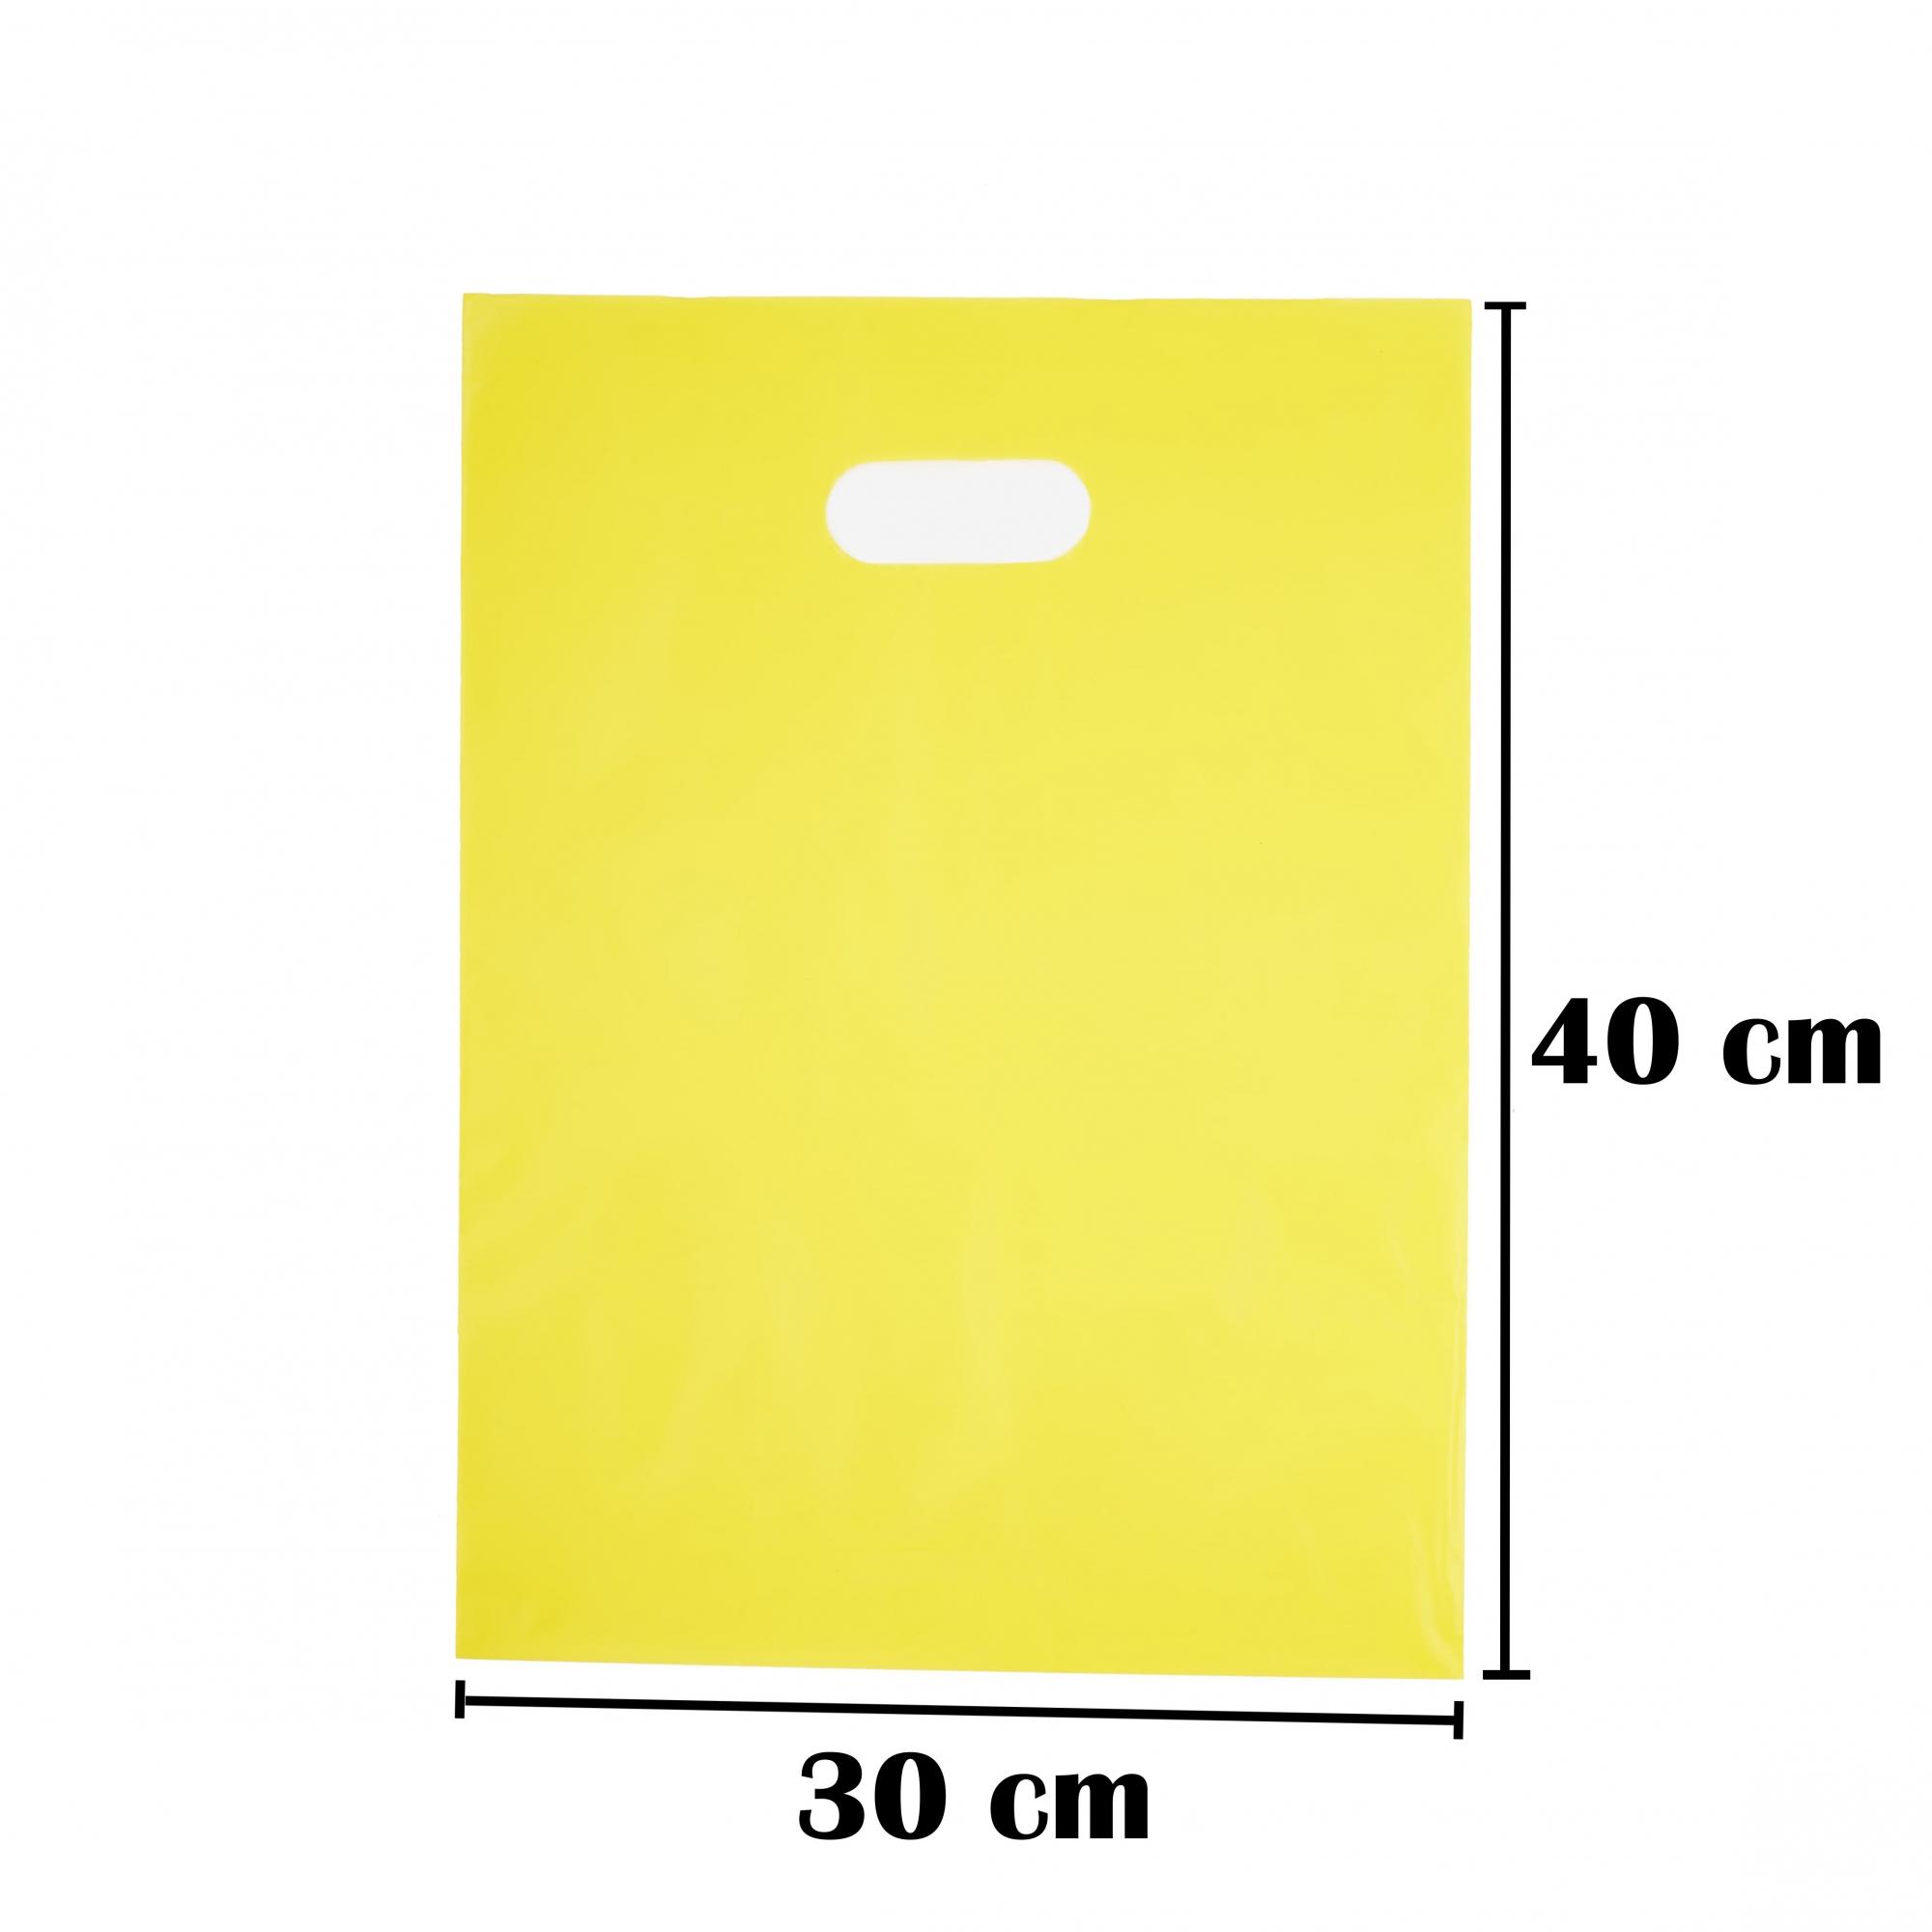 Sacola Plástica 30x40 Amarela Alça Boca de Palhaço 100 Unidades